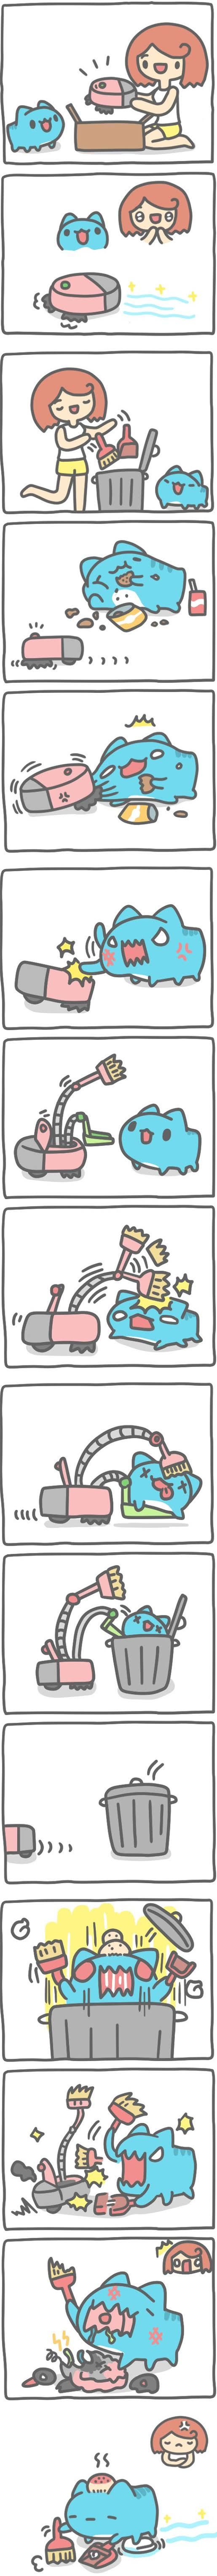 Truyện Mìn Lèo #403: Robot hút bụi